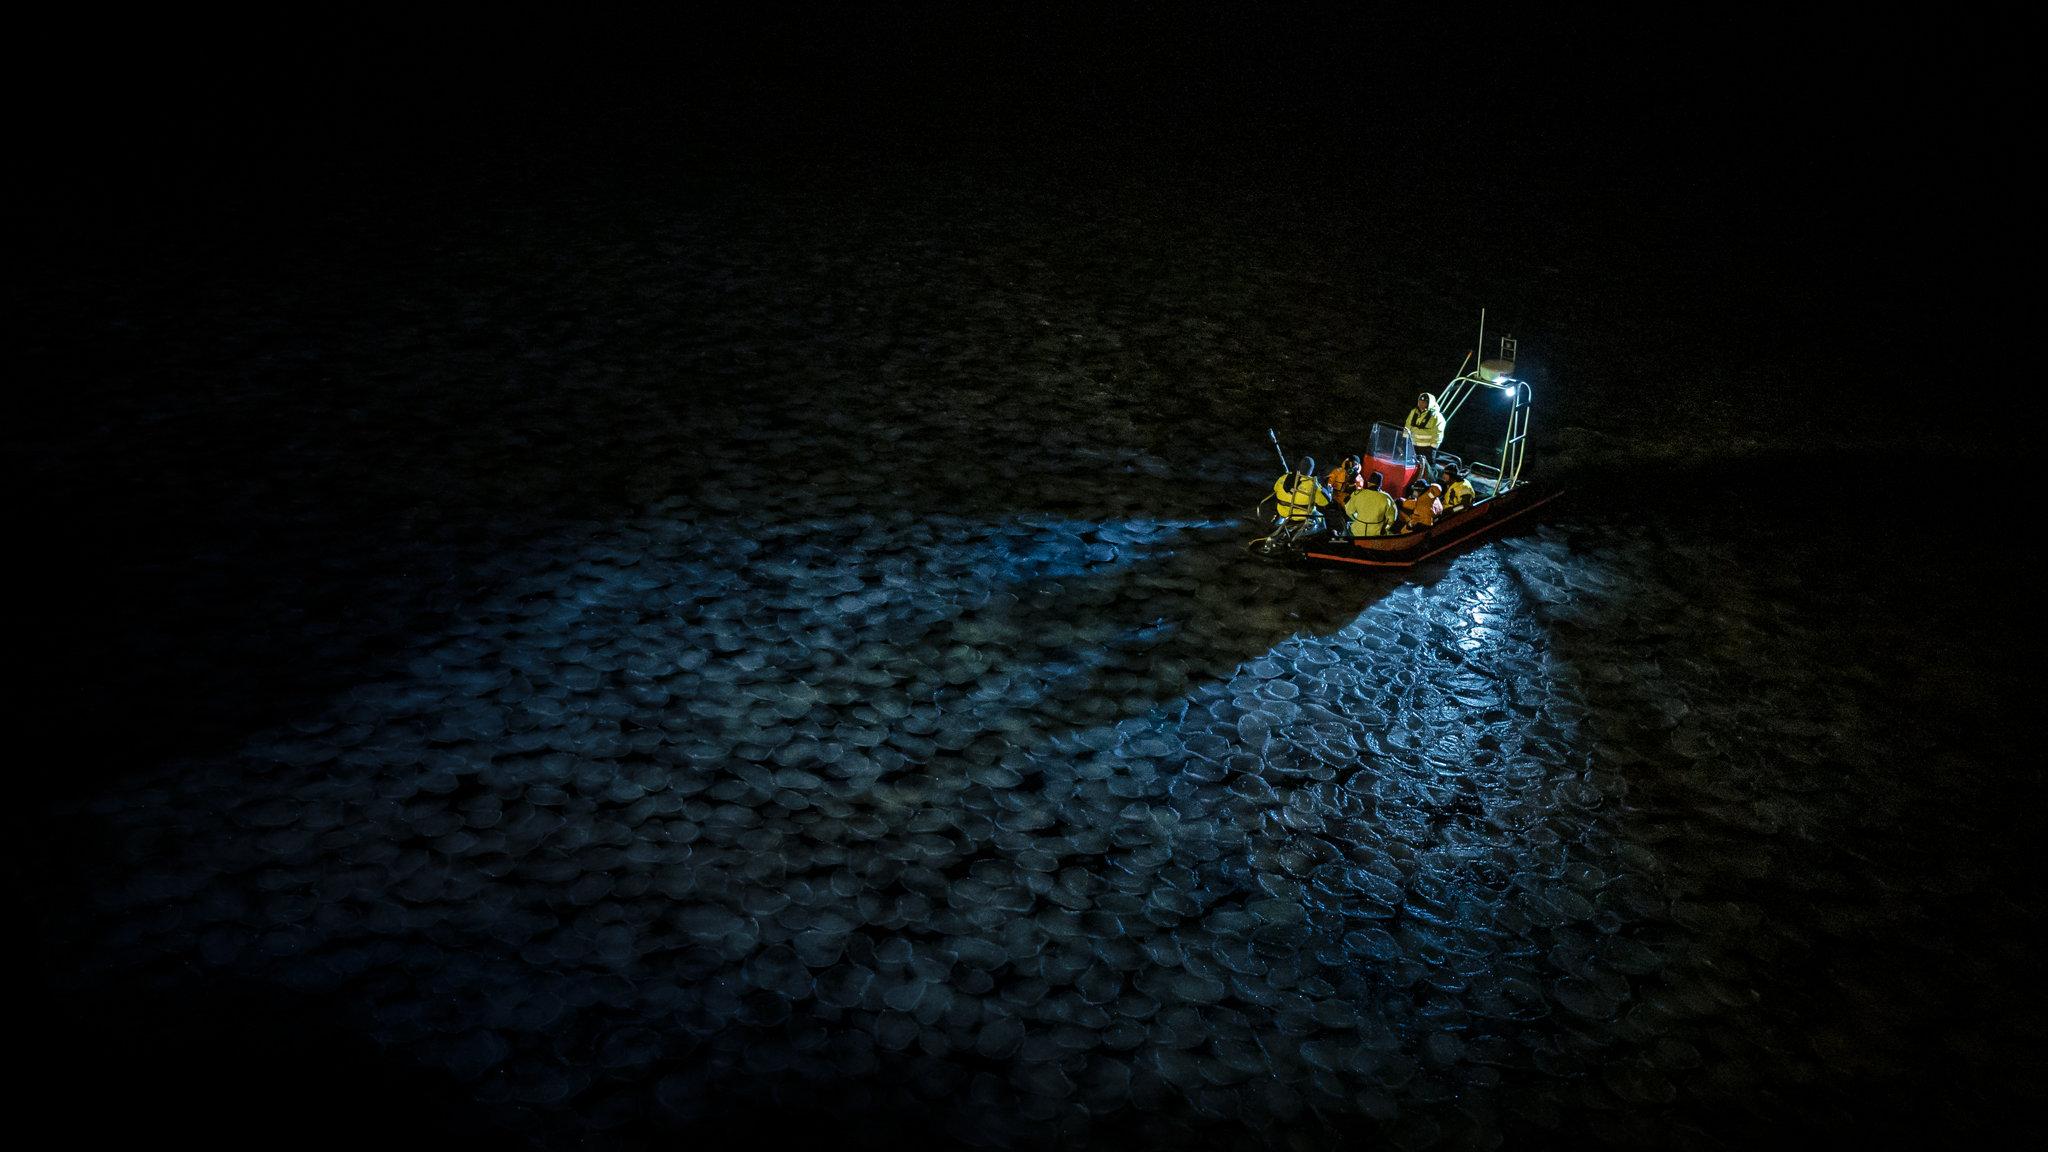 l'équipe de recherche à bord du vaisseau de recherche auxiliaire du navire Helmer Hanssen